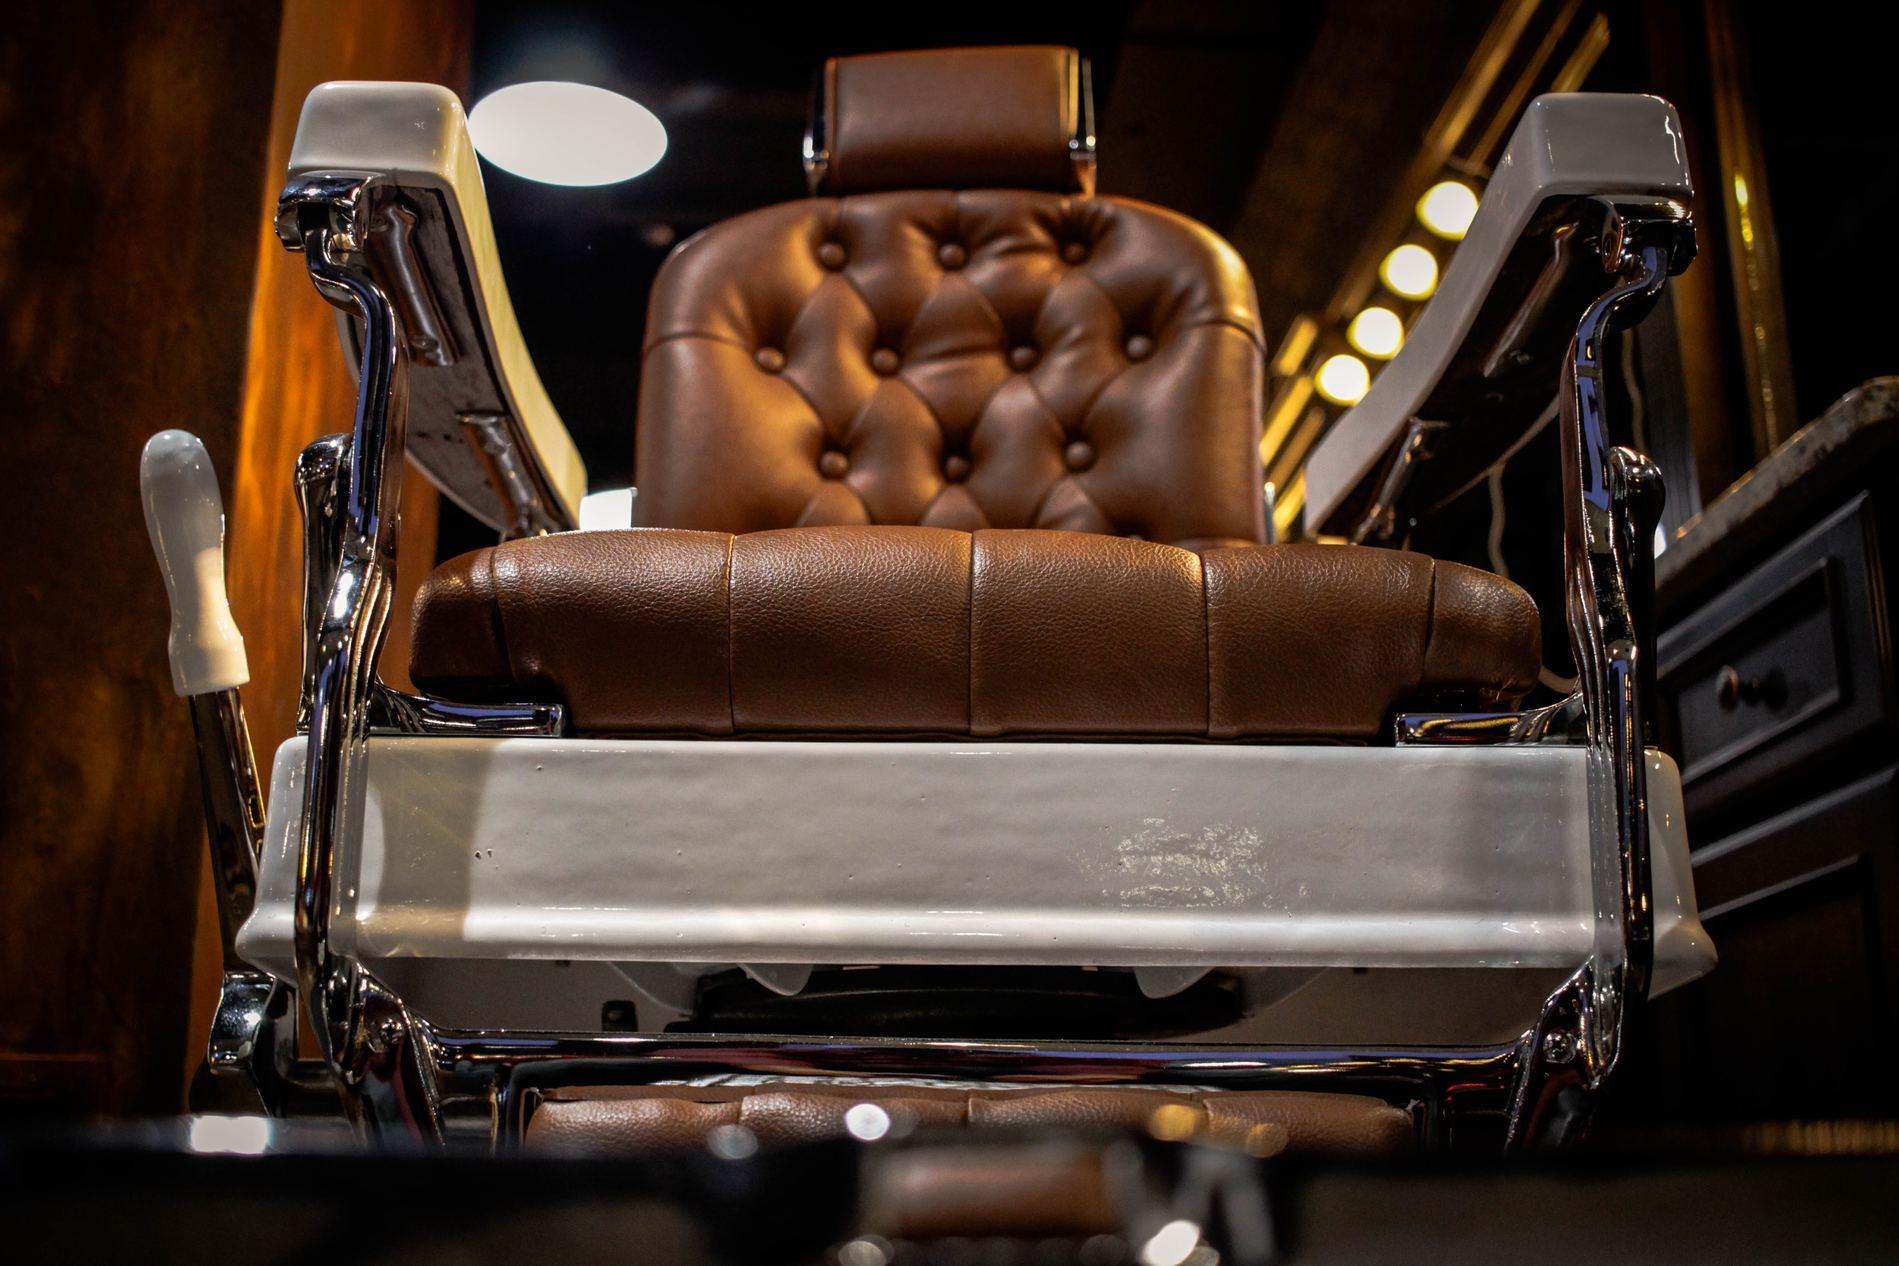 möblum-La_barbería_y_tu_estilo-barbería-estilo-sillones_de_piel-sillas-muebles-mármol(1)